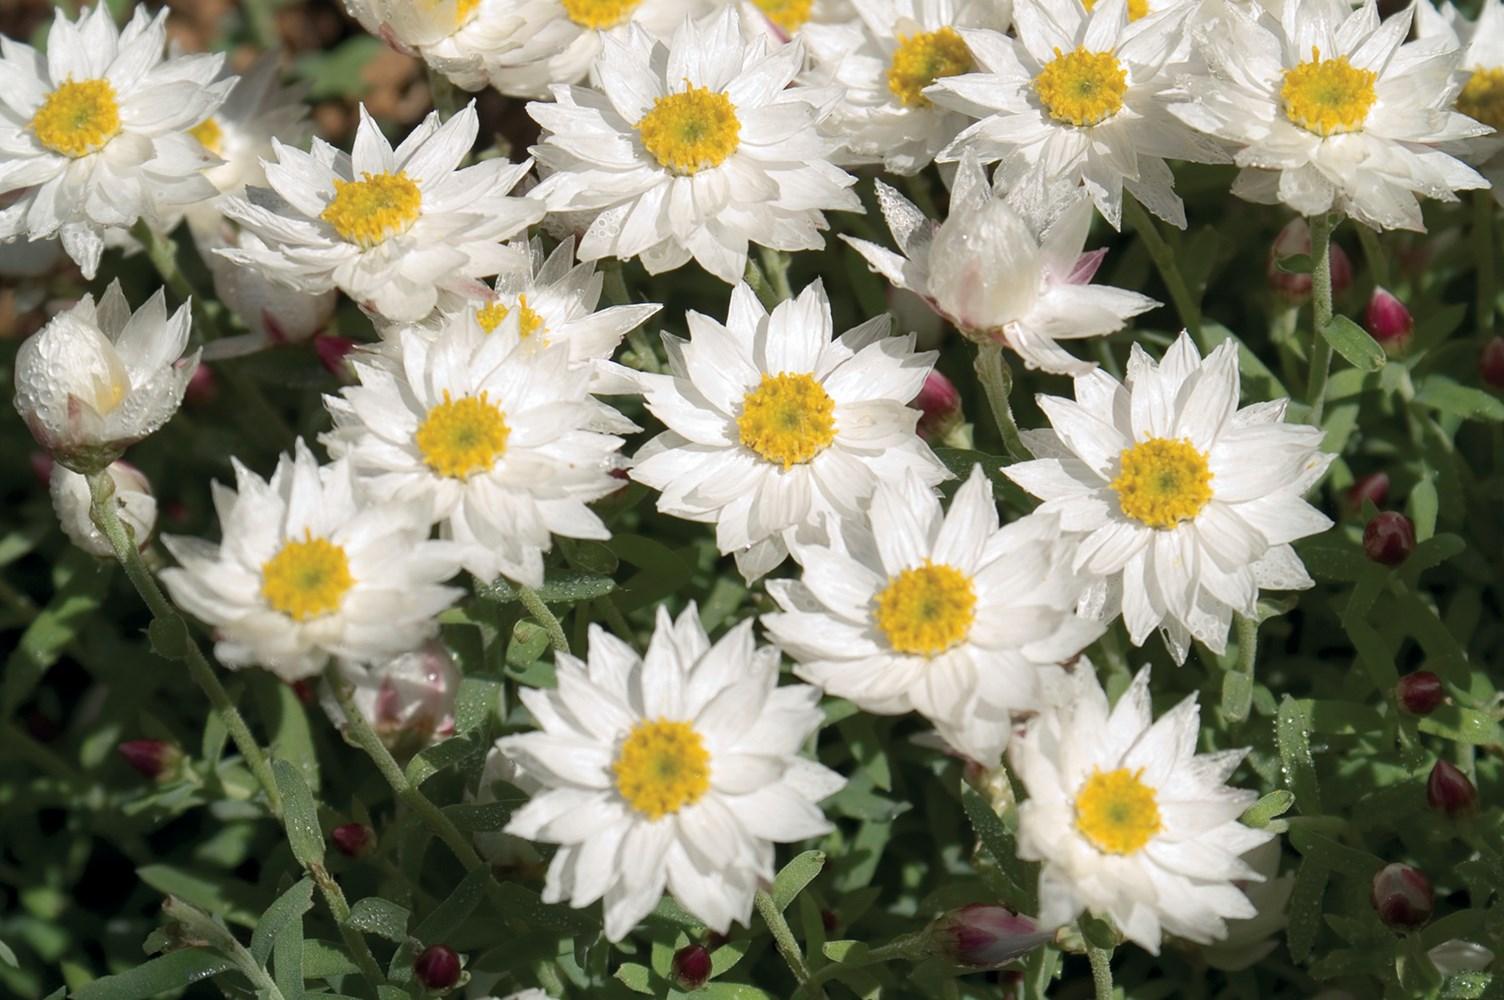 Website/Plants/291/Images/Gallery/r_paperstar_03.0.jpg